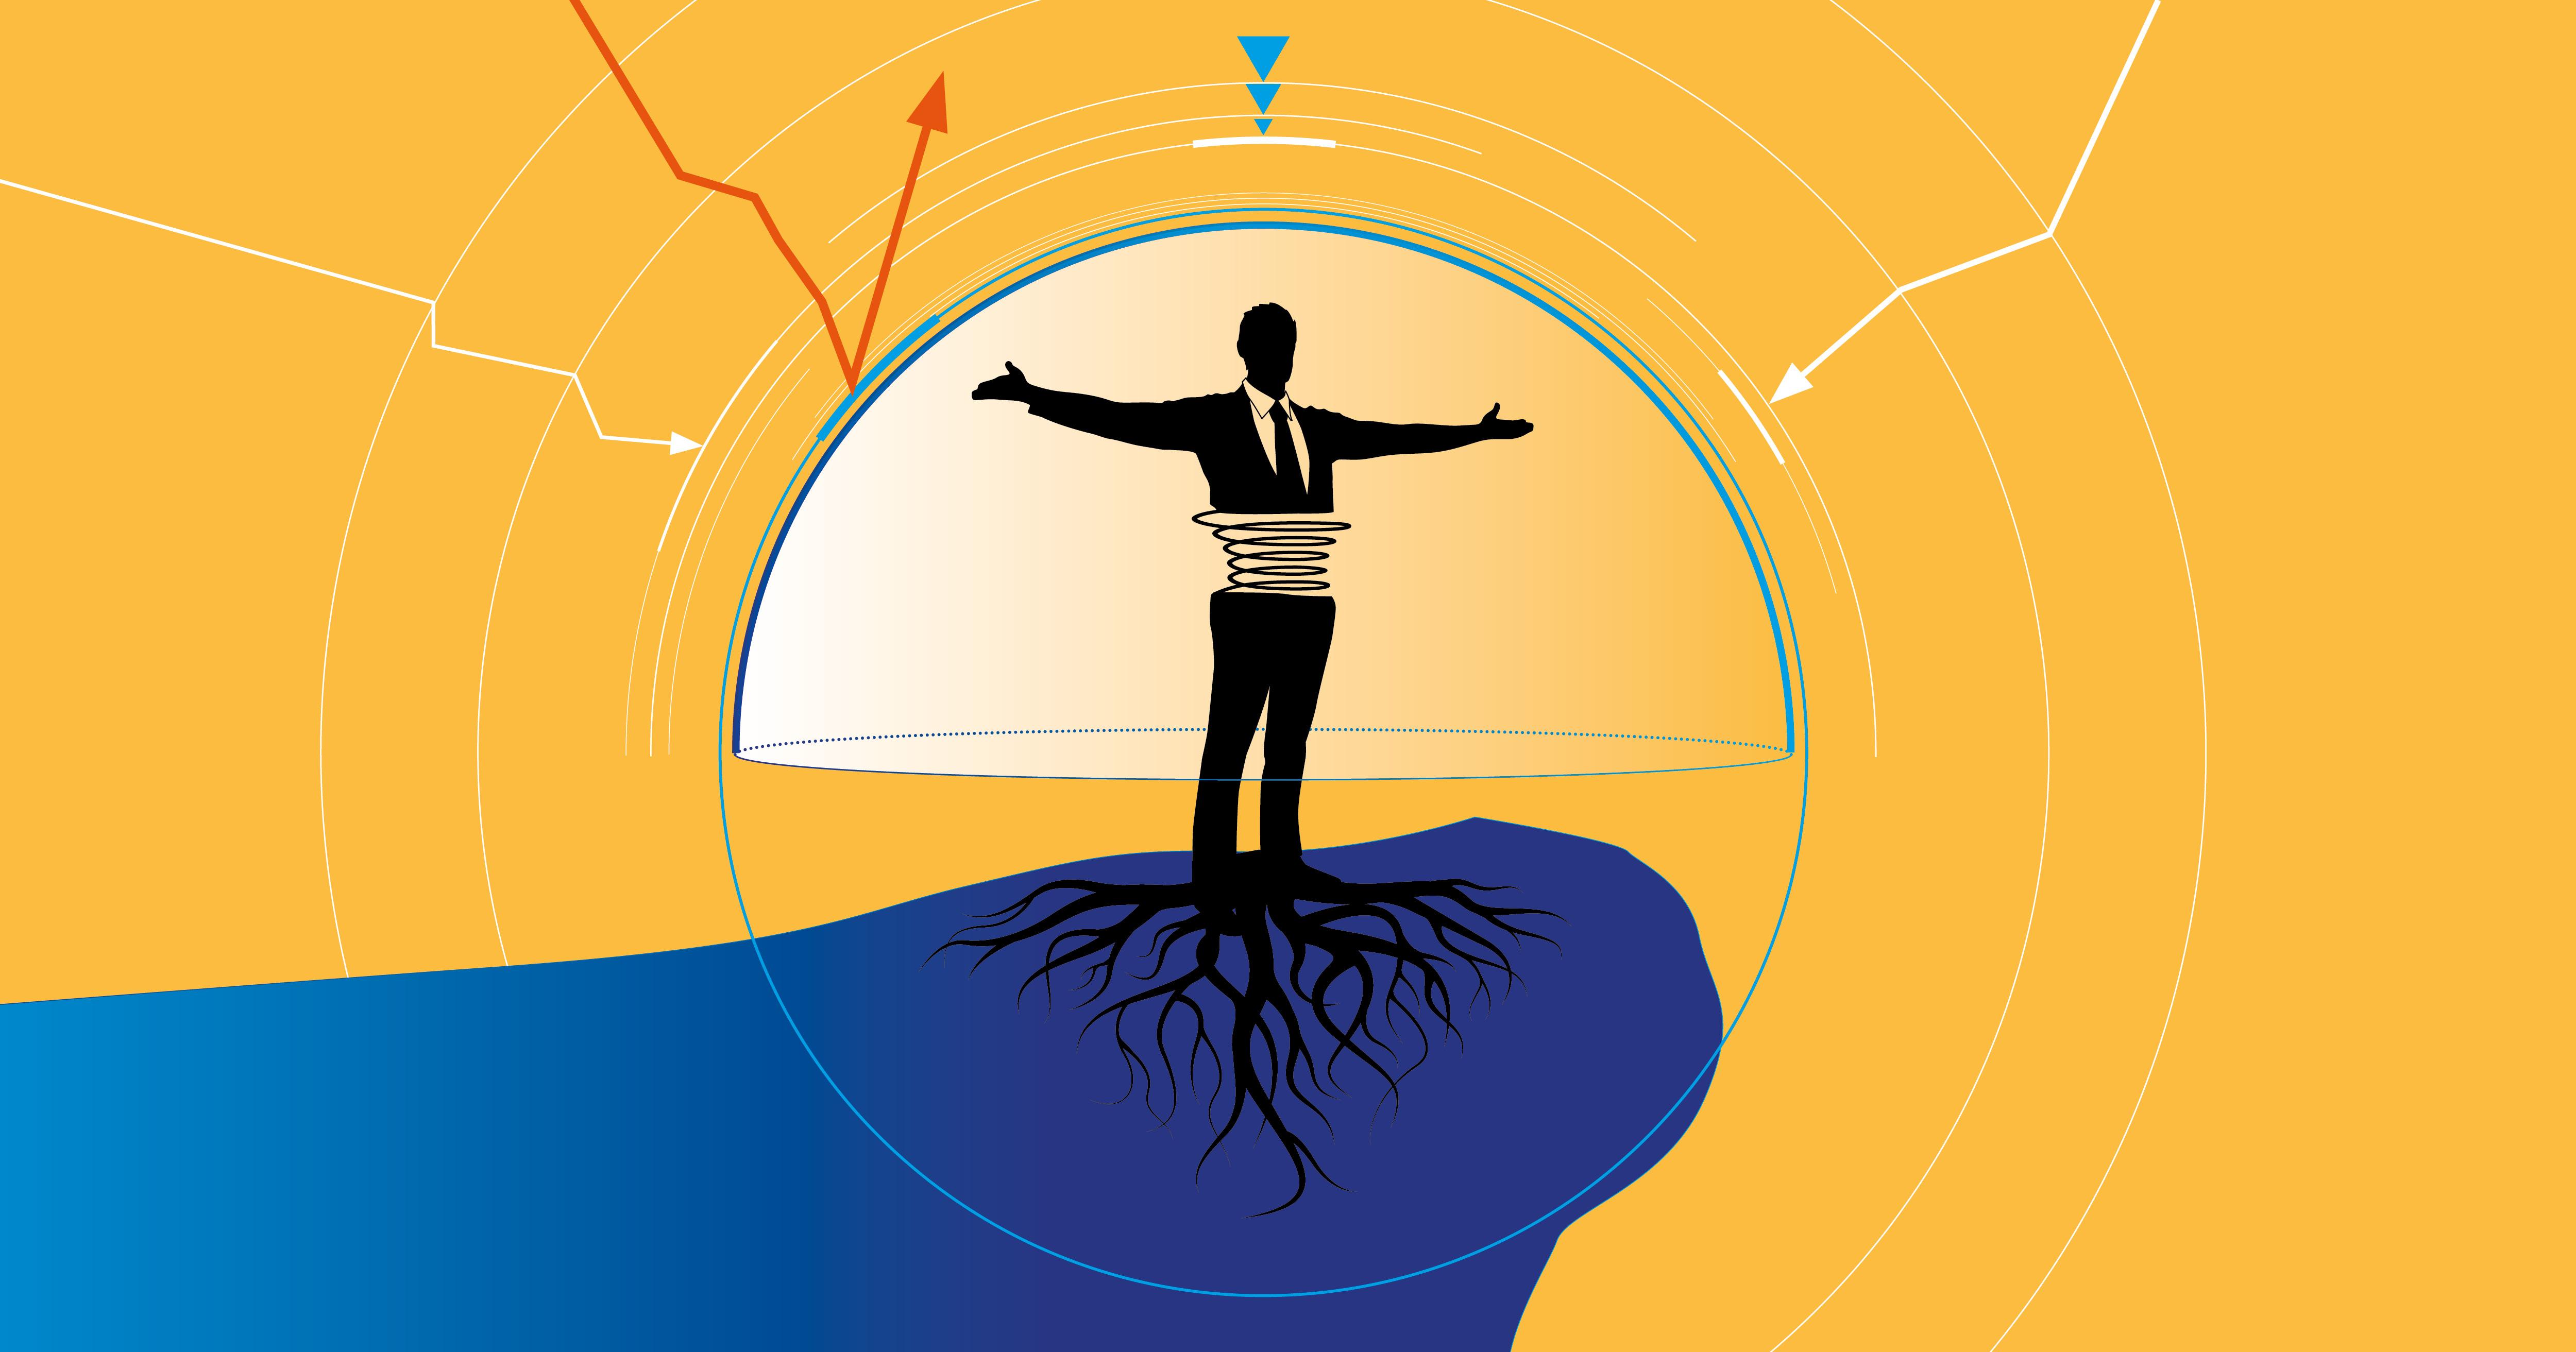 Illustration zeigt Mann verwurzelt auf einem Felsvorsprung mit mehreren Umlaufbahnen um sich